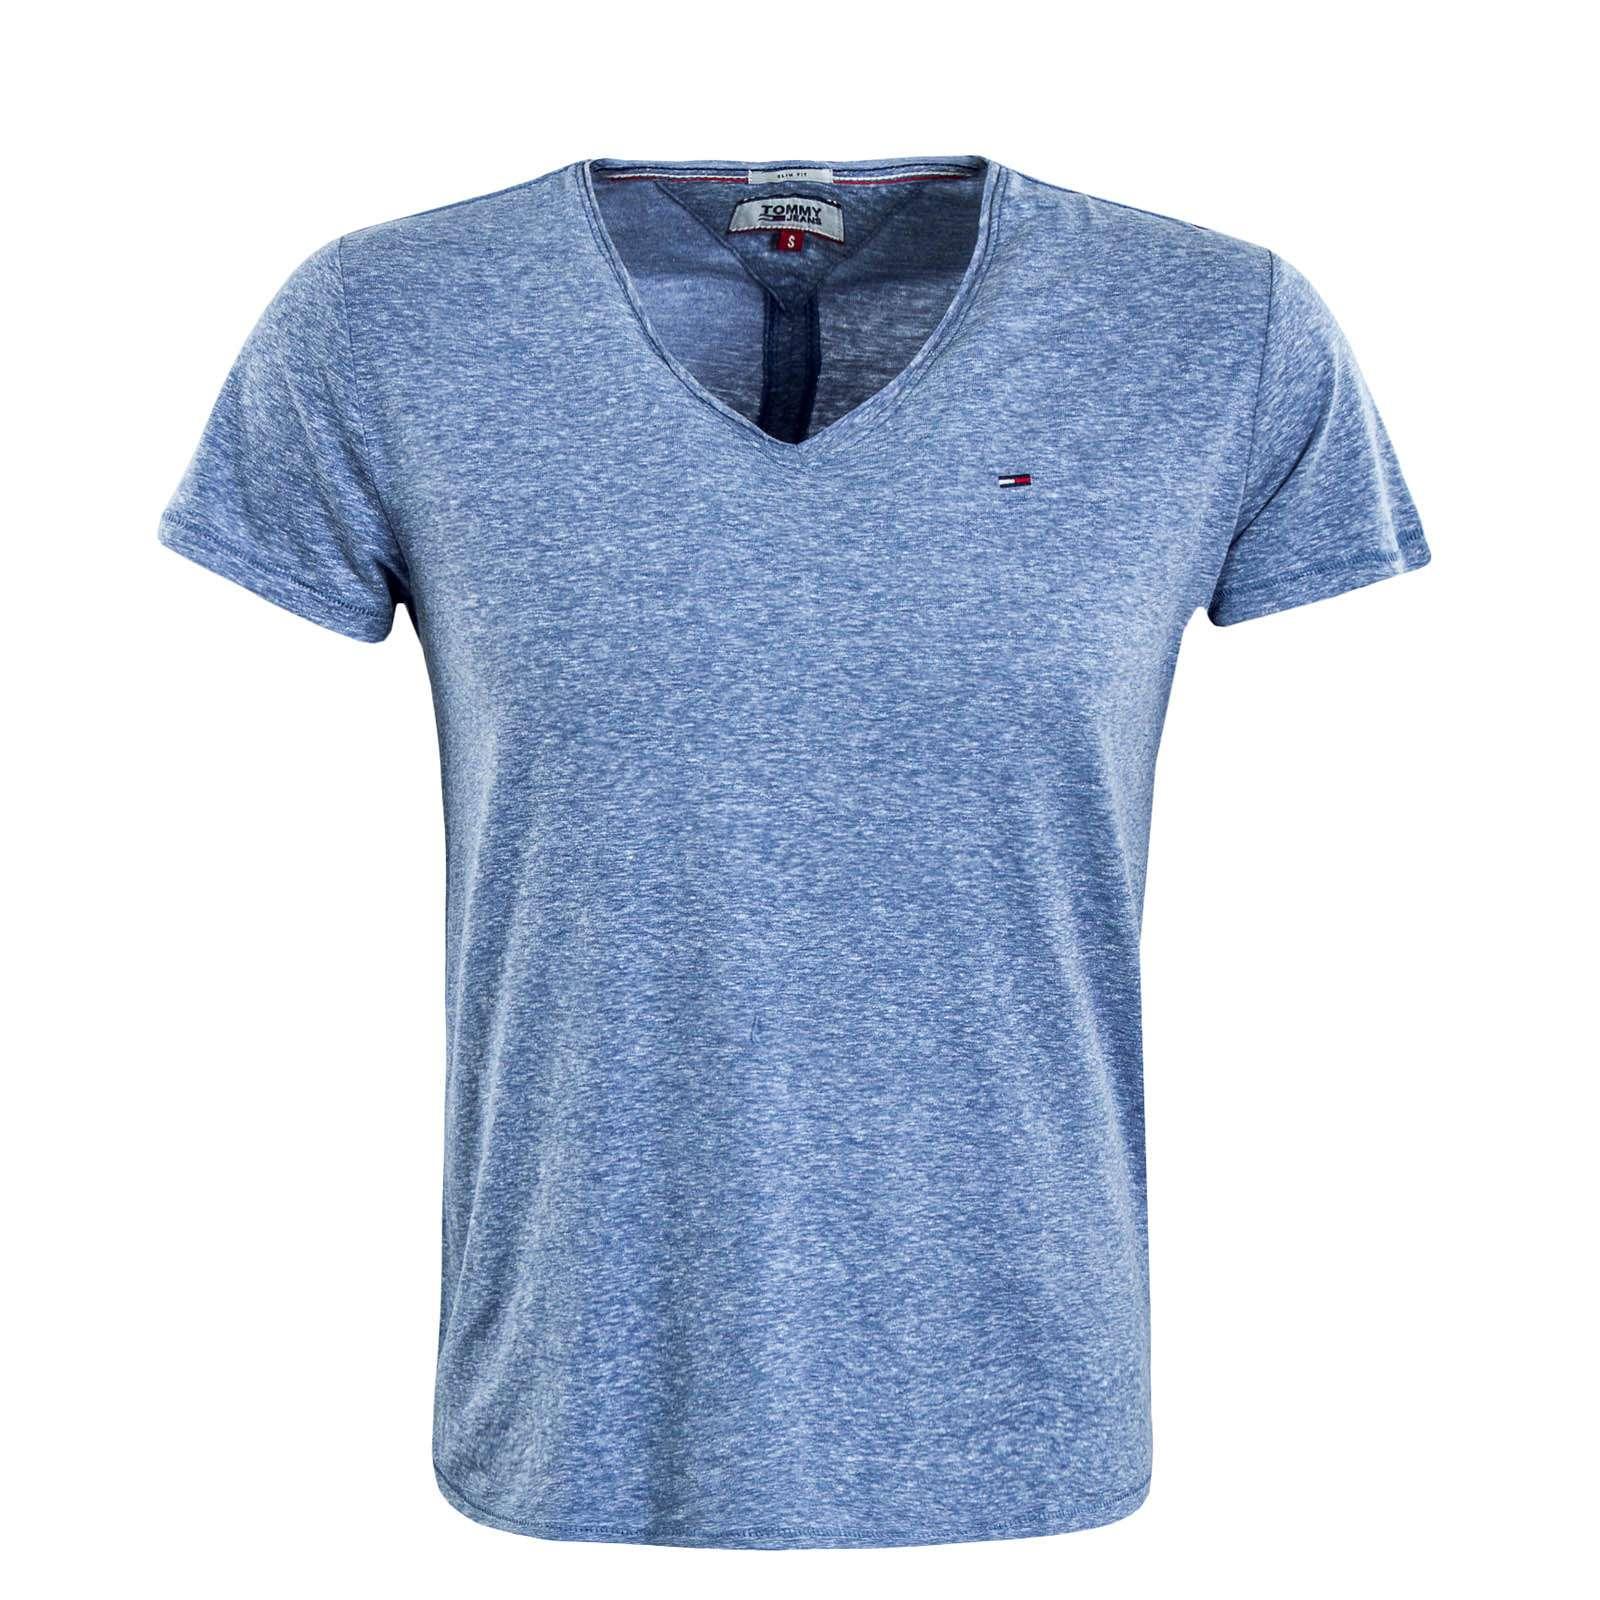 Tommy Hilfiger T Shirt Herren oliv melange im Online Shop